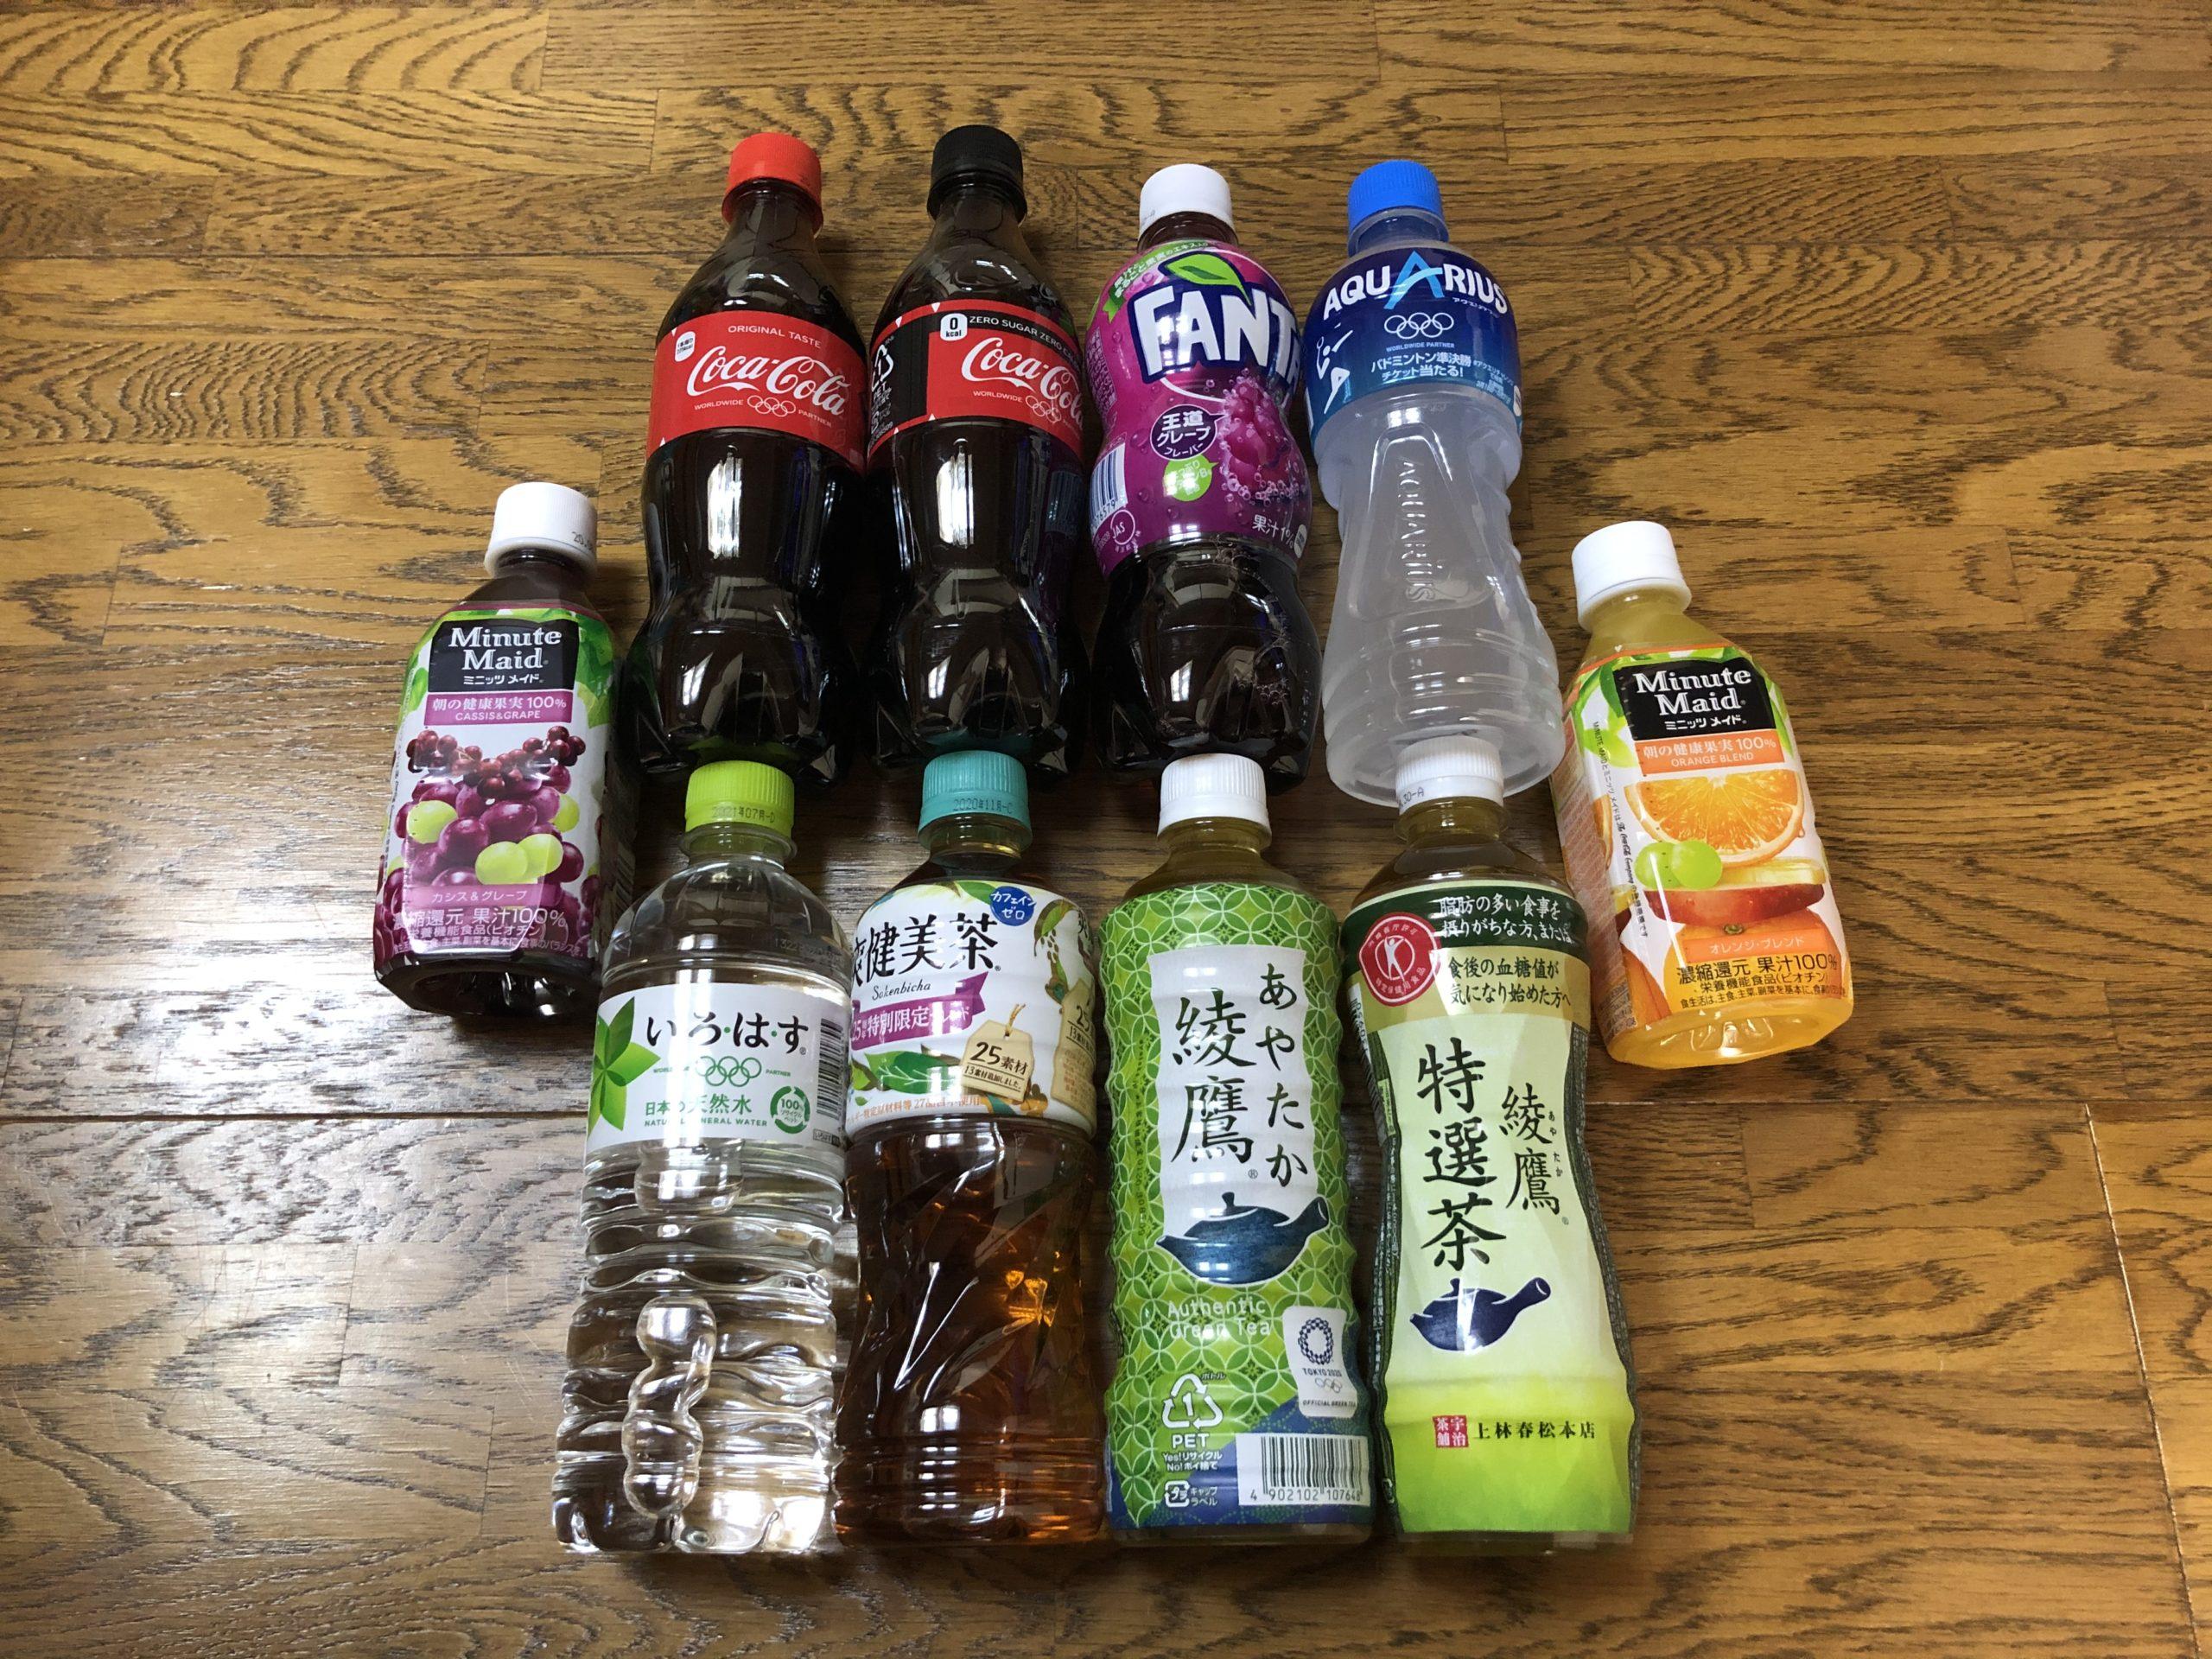 ホールディングス コカ コーラ ボトラーズ ジャパン